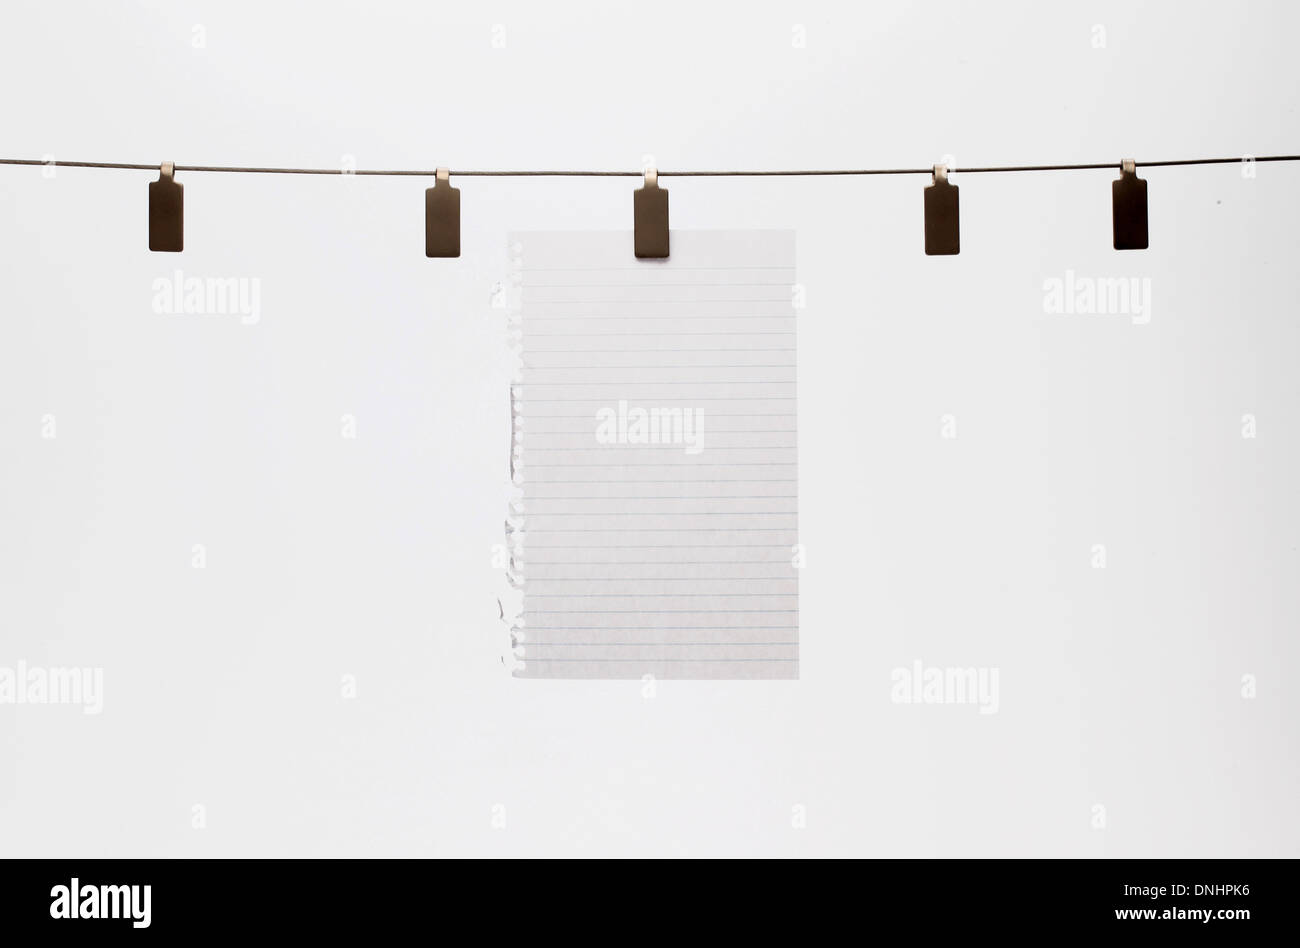 Une feuille de papier blanc accroché avec un clip à un fil droit. Fond blanc Photo Stock